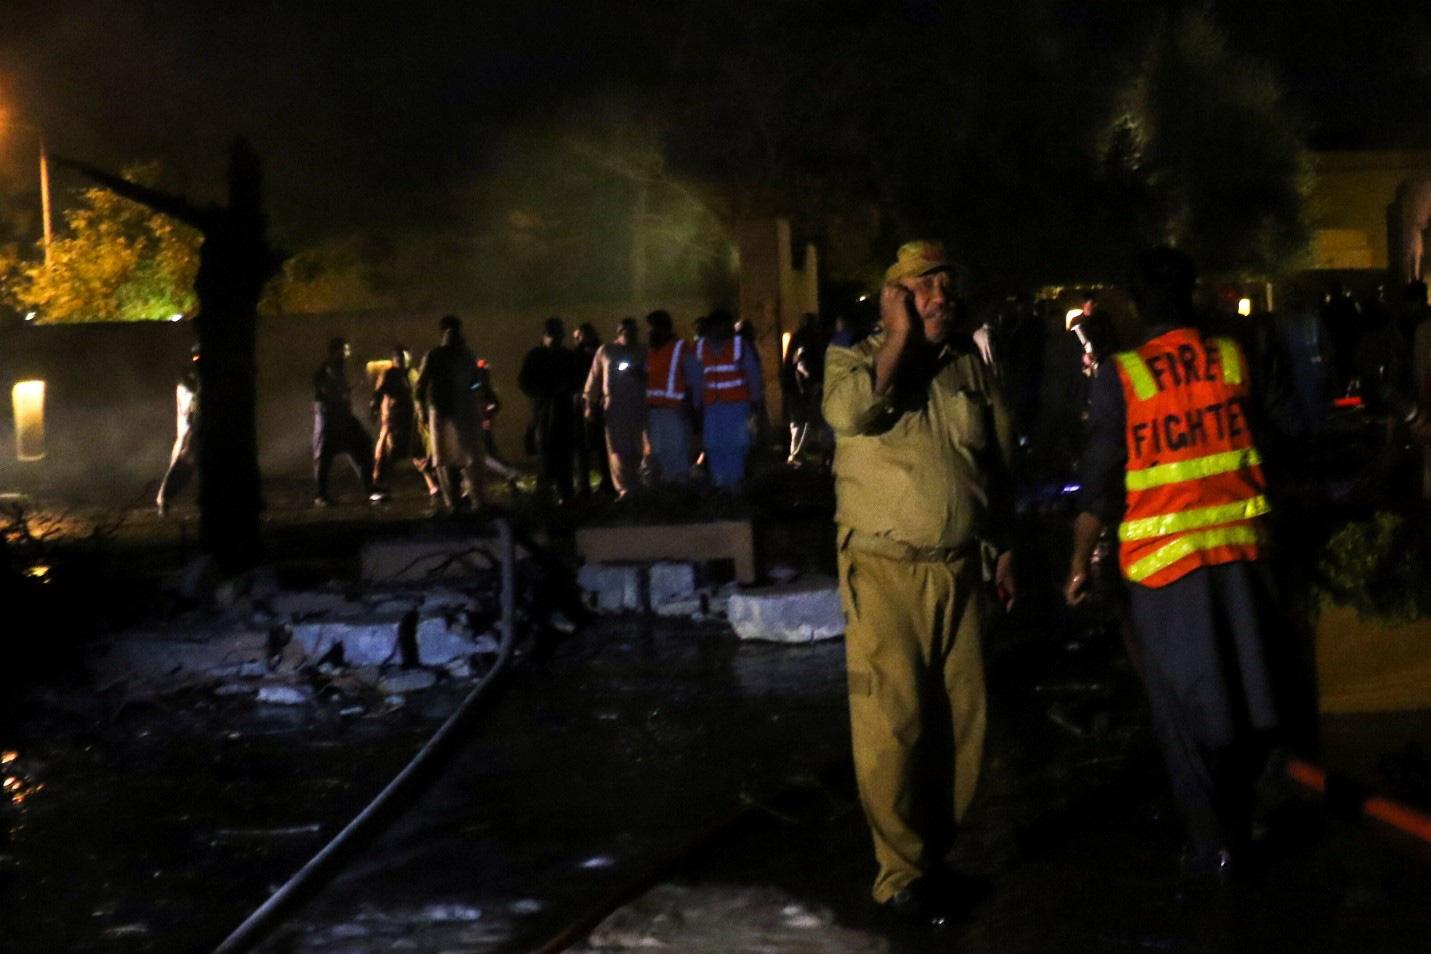 Ô tô chứa bom phát nổ tại một khách sạn phía Tây Pakistan gây nhiều thương vong - Ảnh 4.